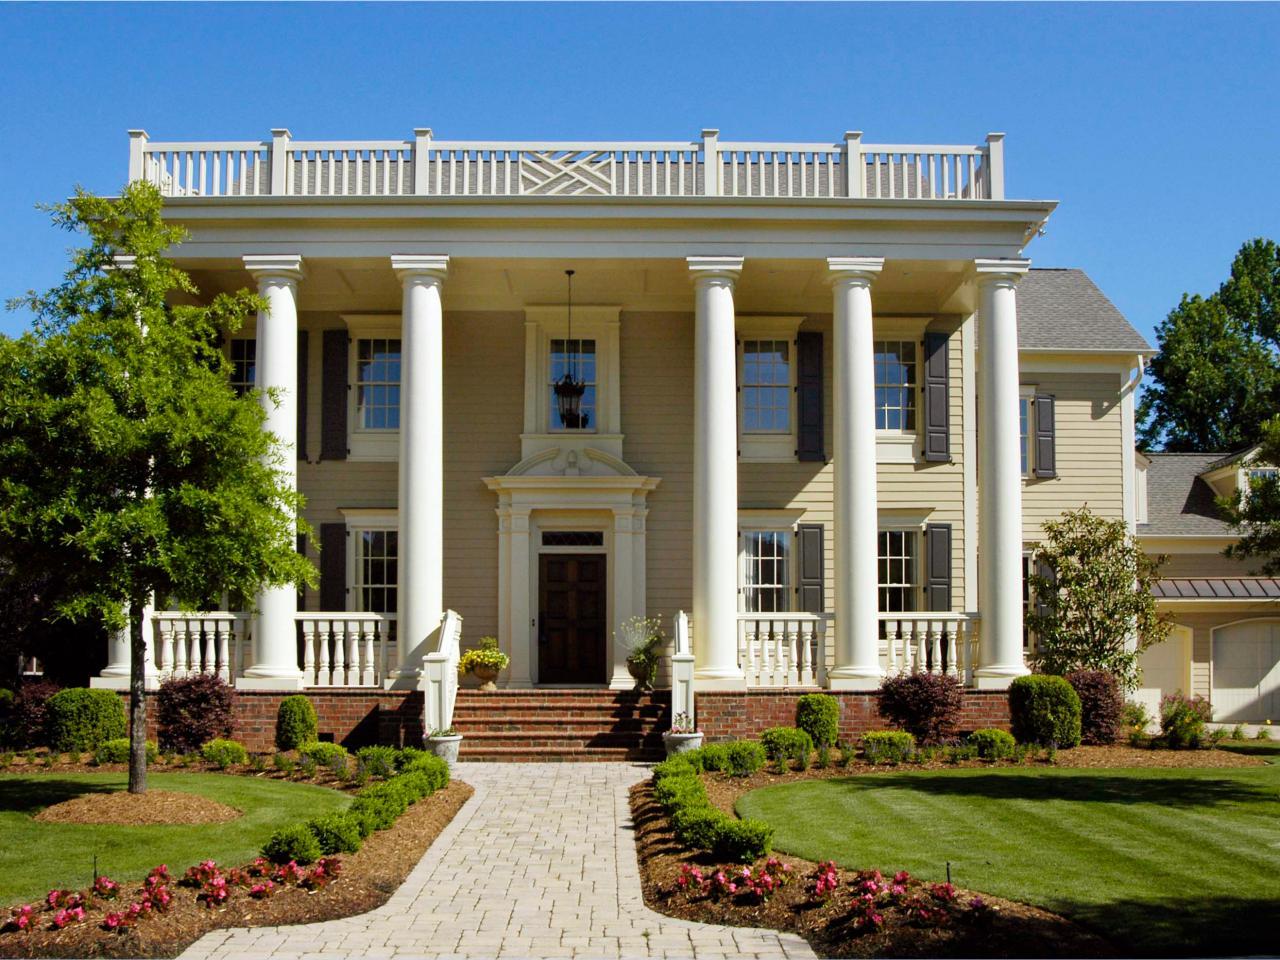 Desain rumah neoklasik [Sumber: hgtv.com]